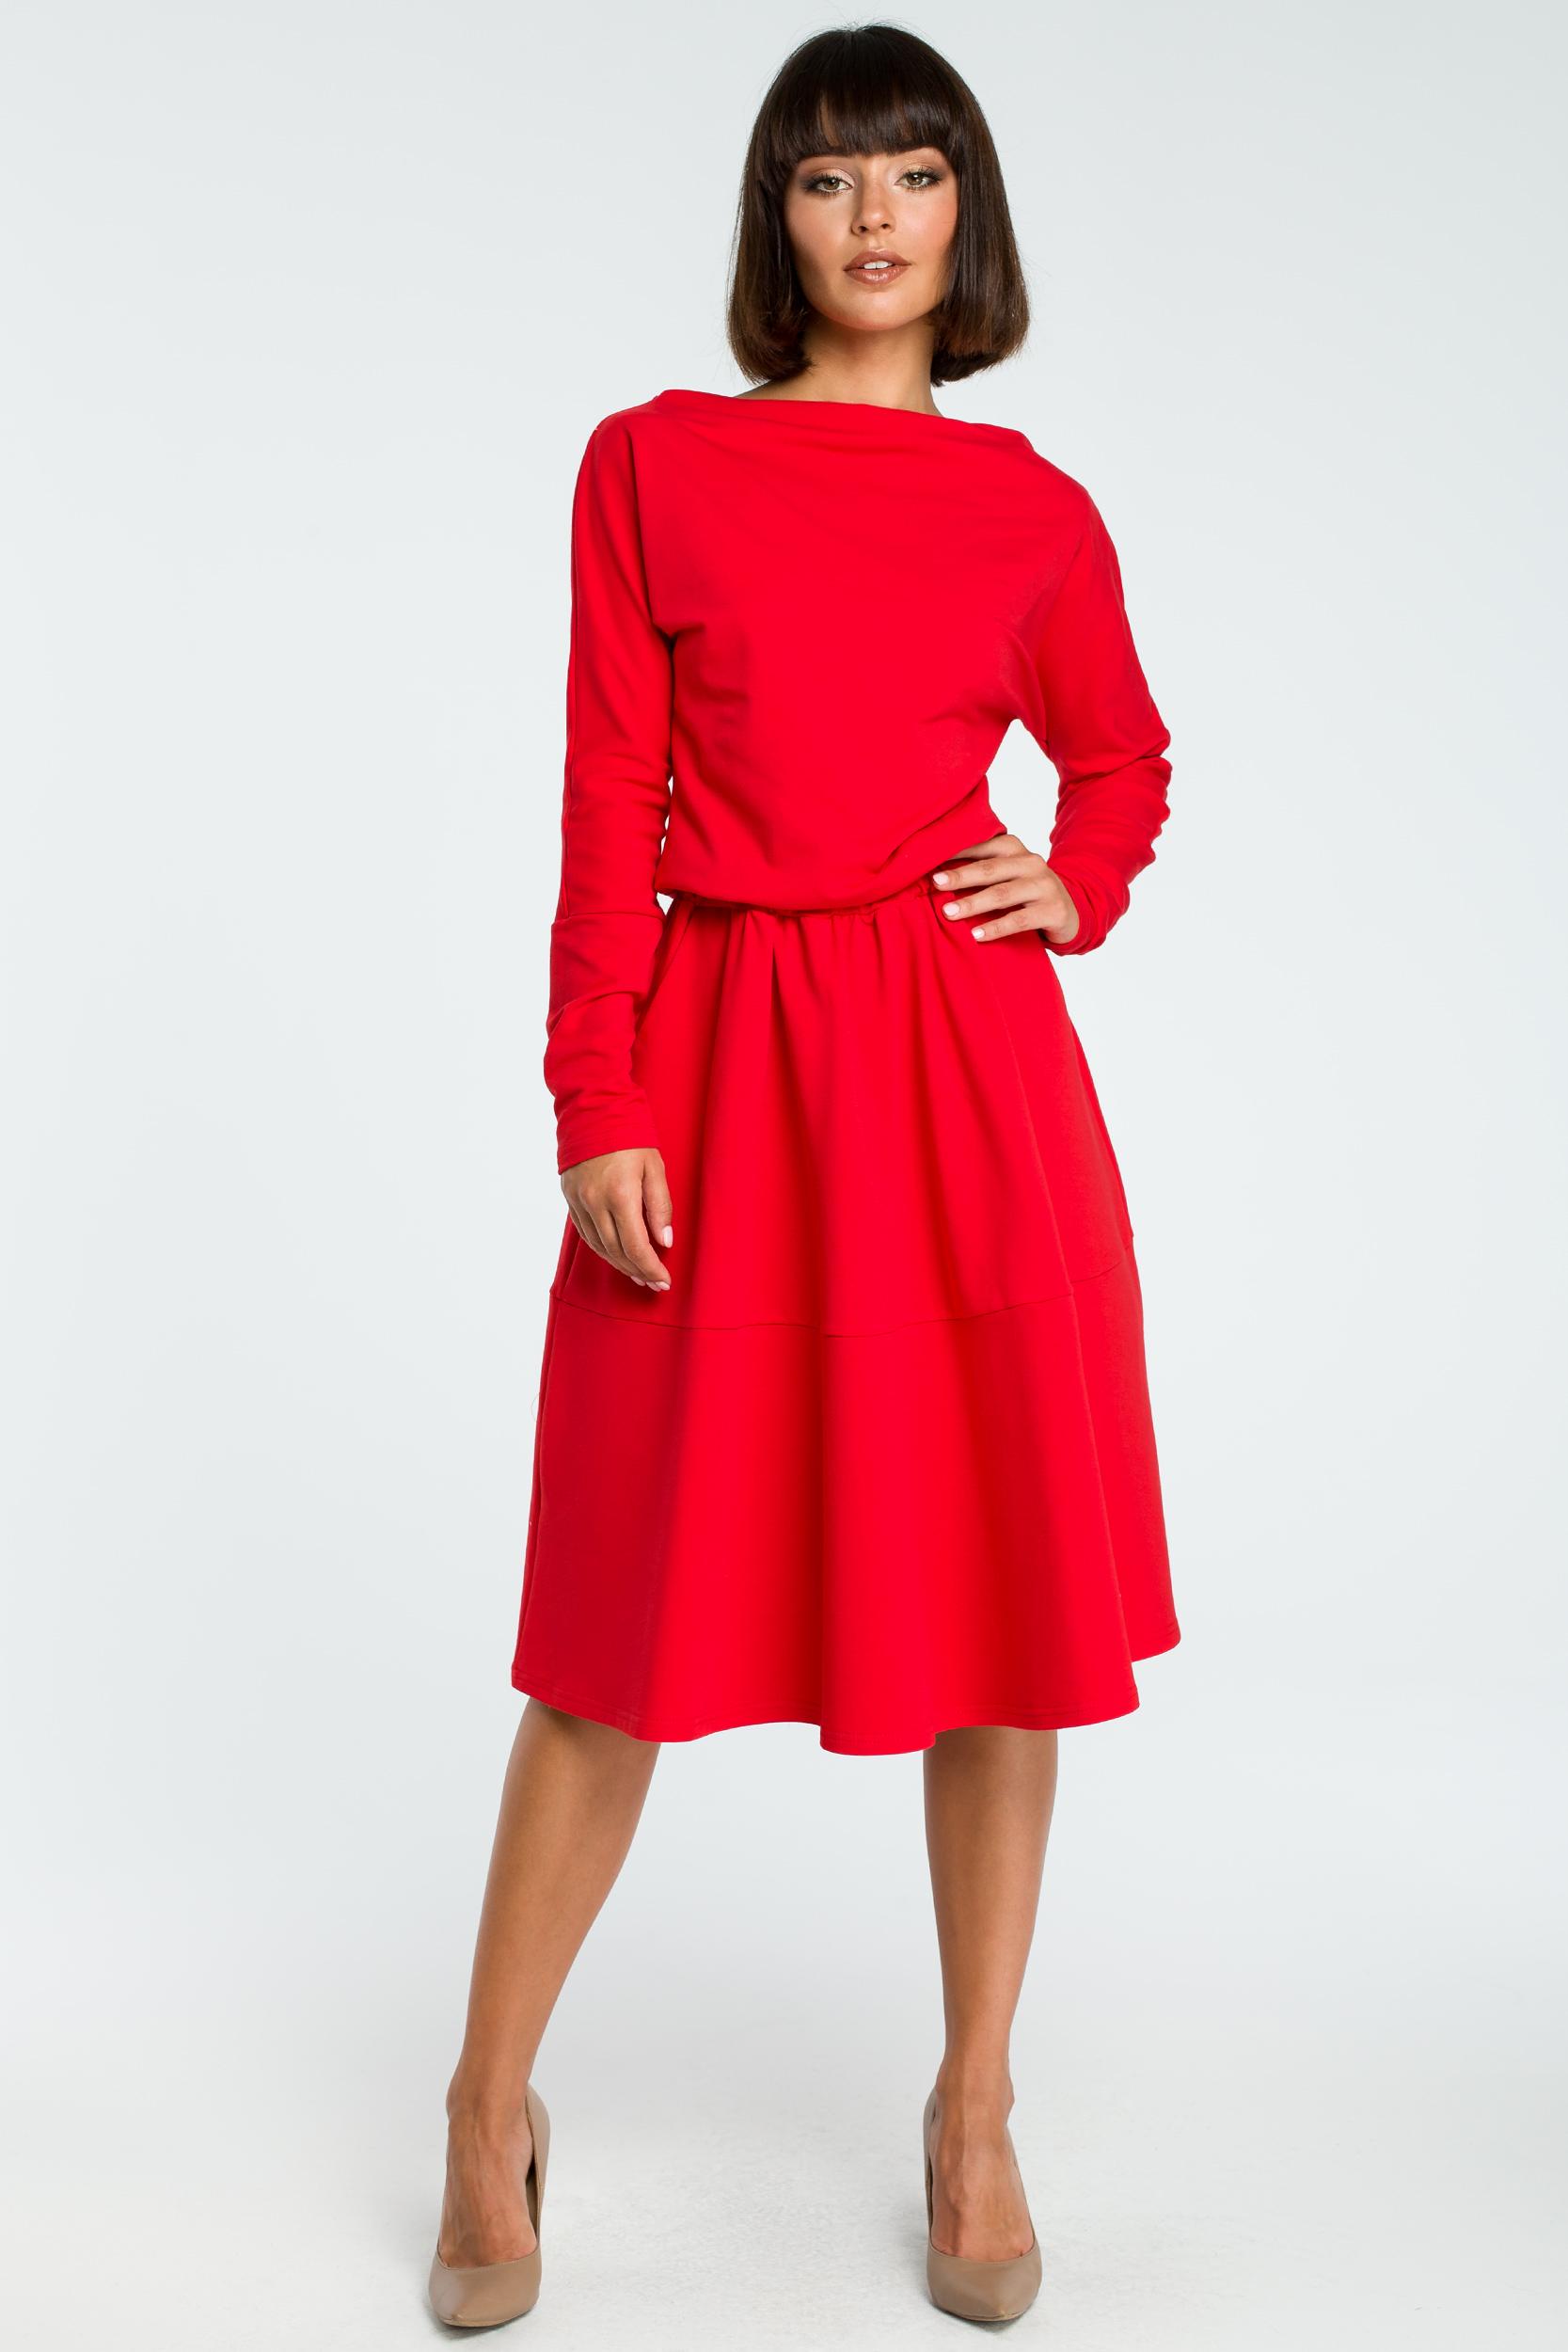 ed3416b1ef CM3816 Rozkloszowana sukienka z długim rękawem - czerwona ...